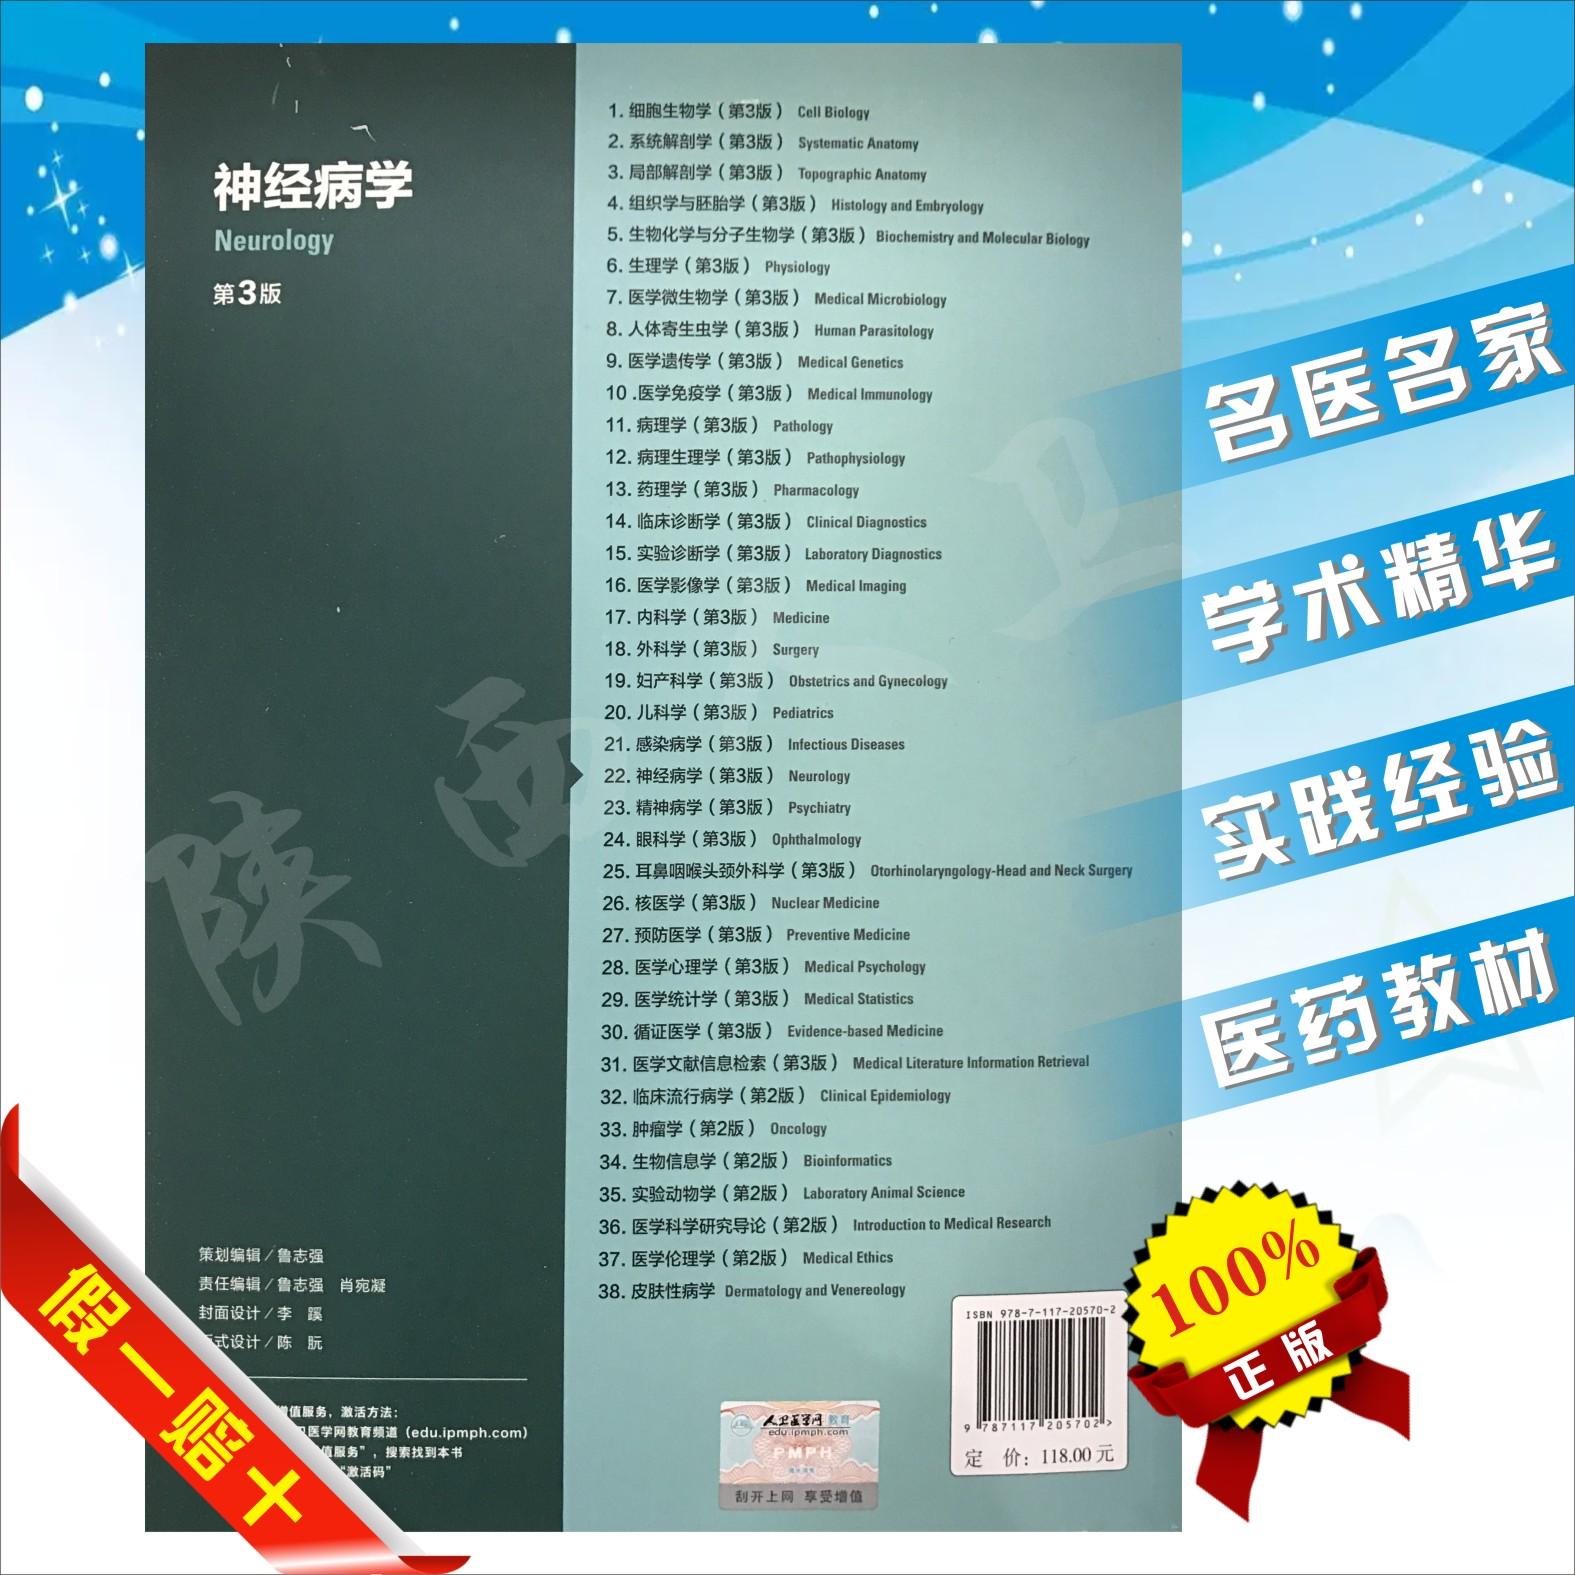 人民卫生出版社 贾建平 吴江 临床医学用 一体化 3 5 年制 7 年制及 8 八年制 版第三版 3 第 神经丙学 包邮正版现货